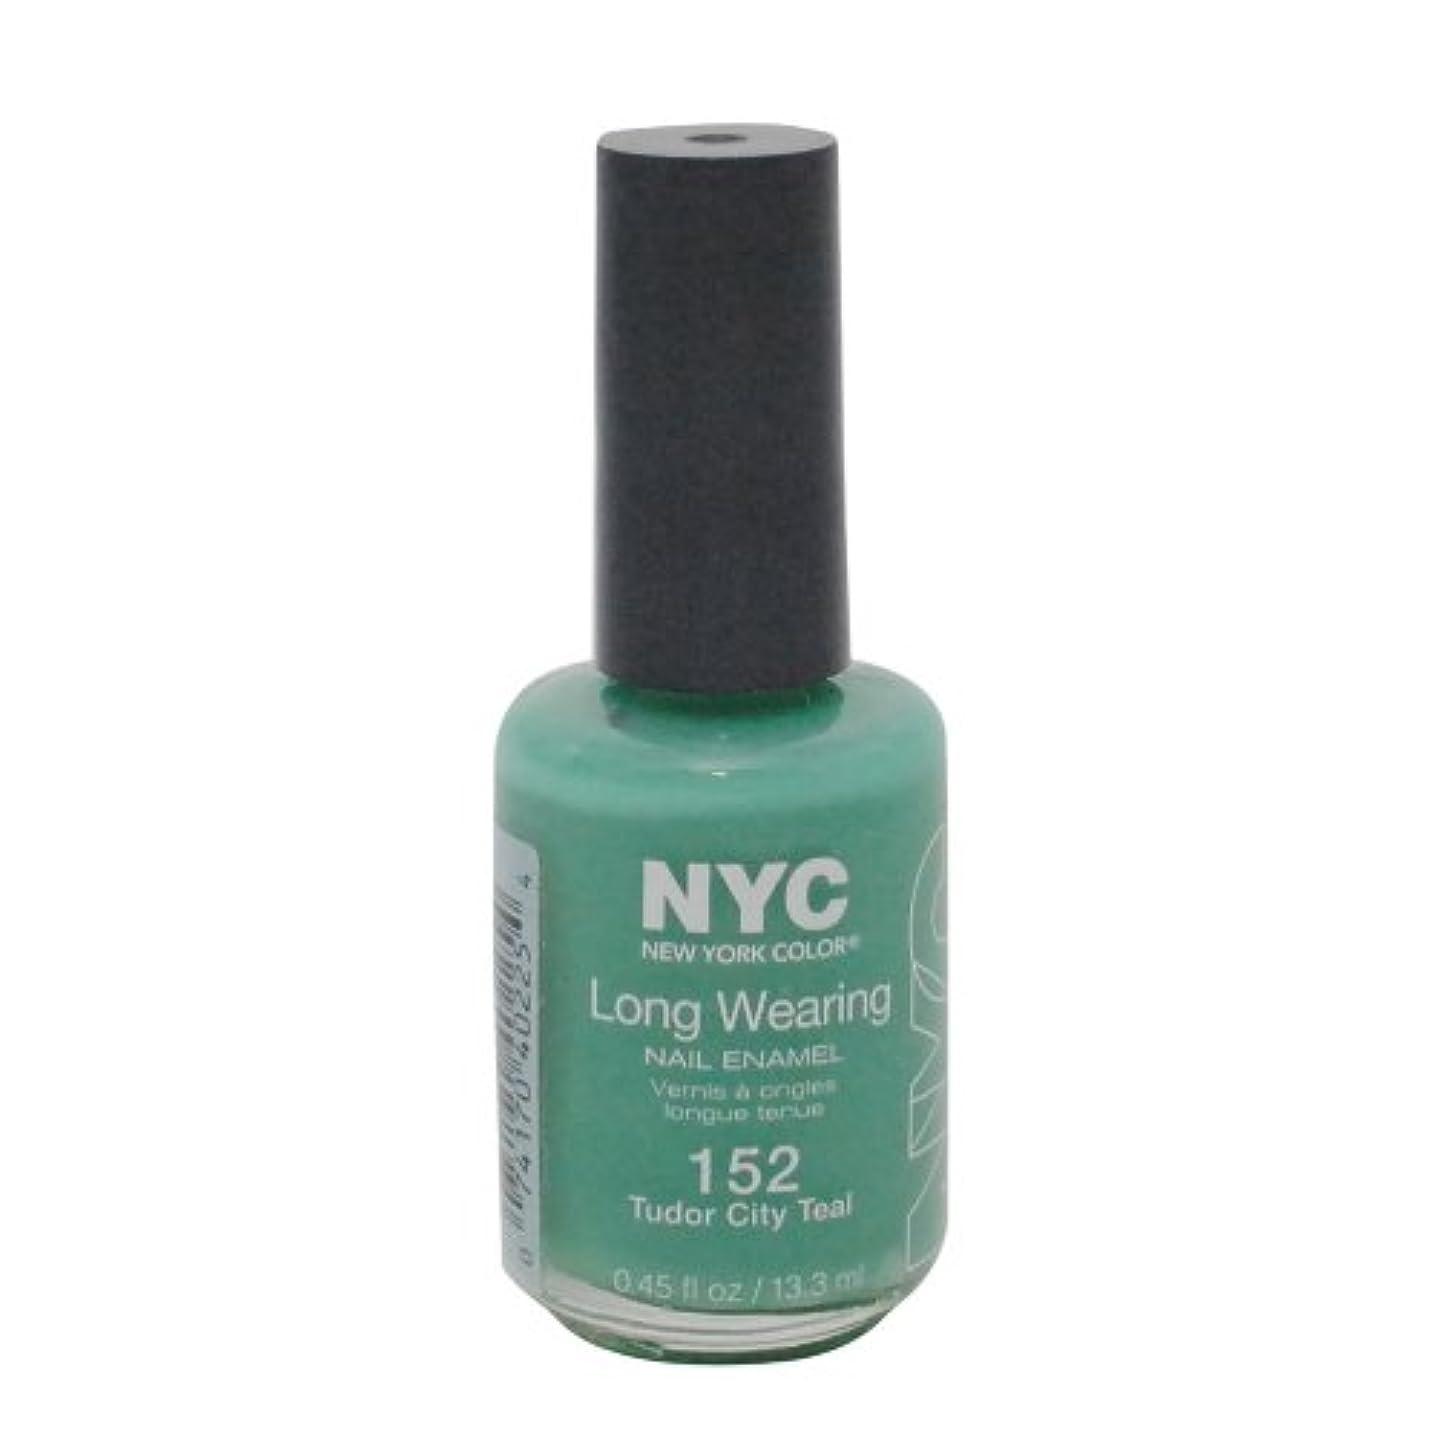 肉腫バックアップラボNYC Long Wearing Nail Enamel - Tudor City Teal by NYC New York Color